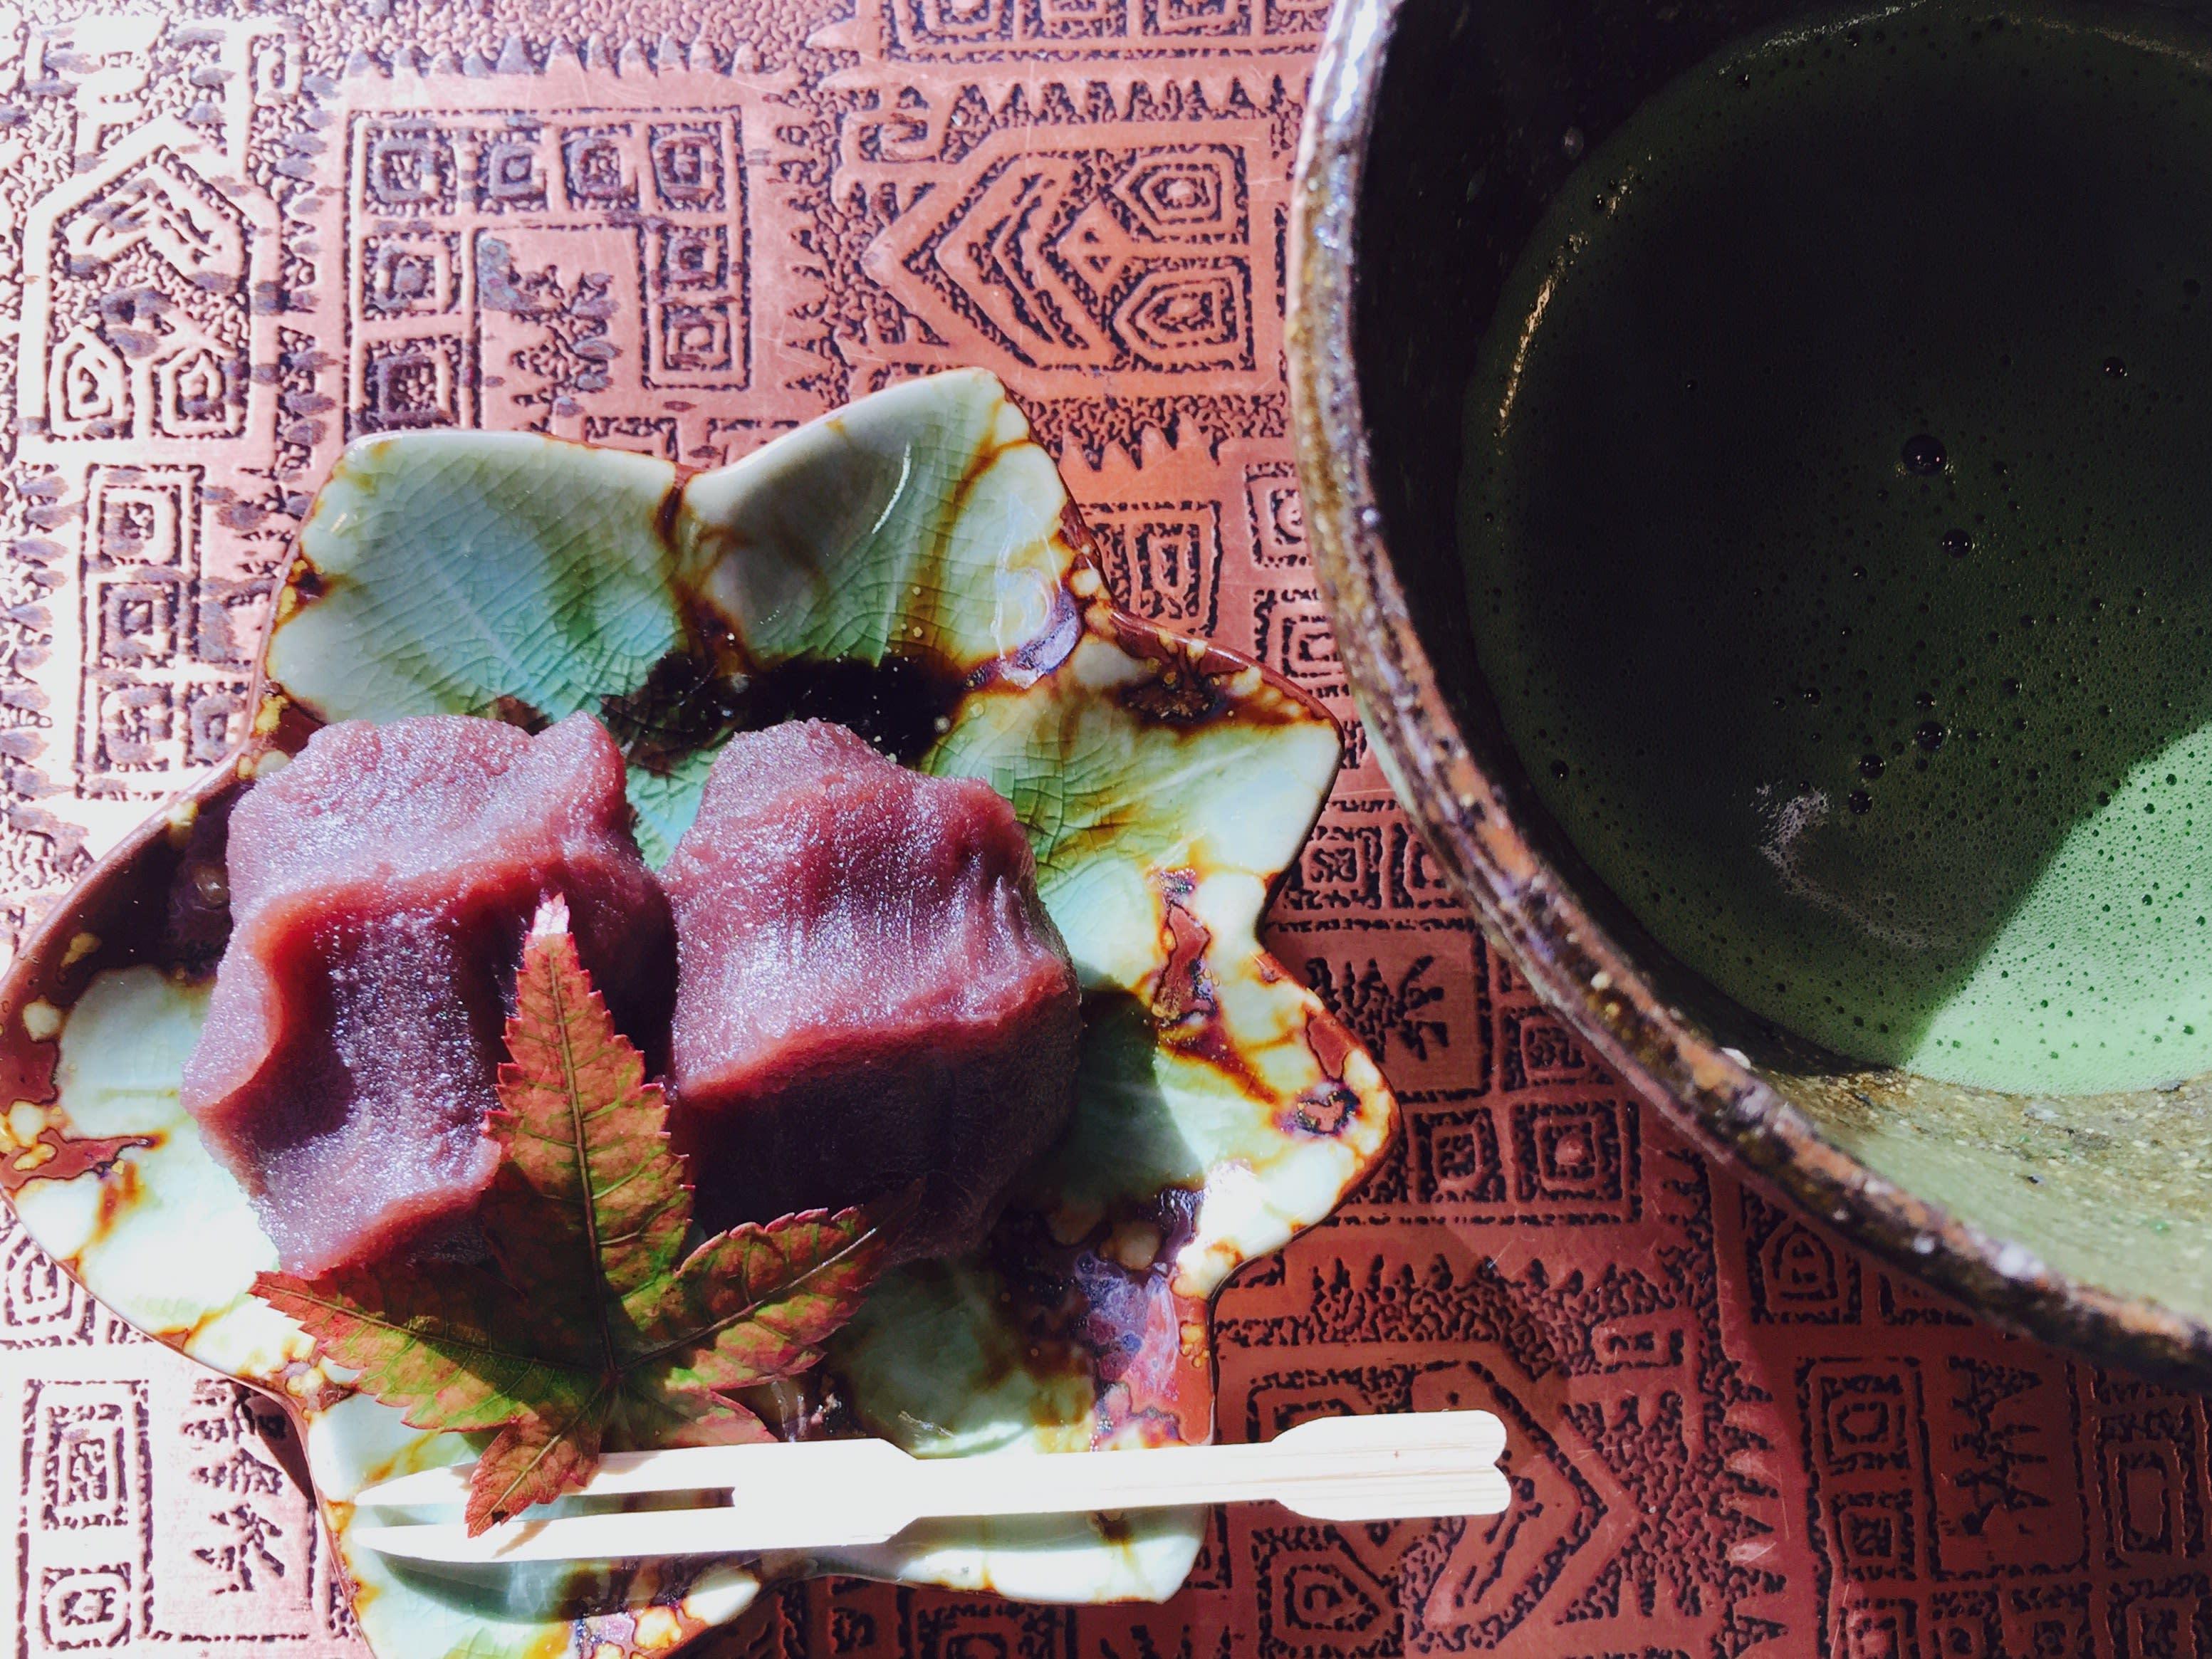 甜 滋 滋 的 紅 豆 泥 配 上 一 碗 回 甘 的 抹 茶 。